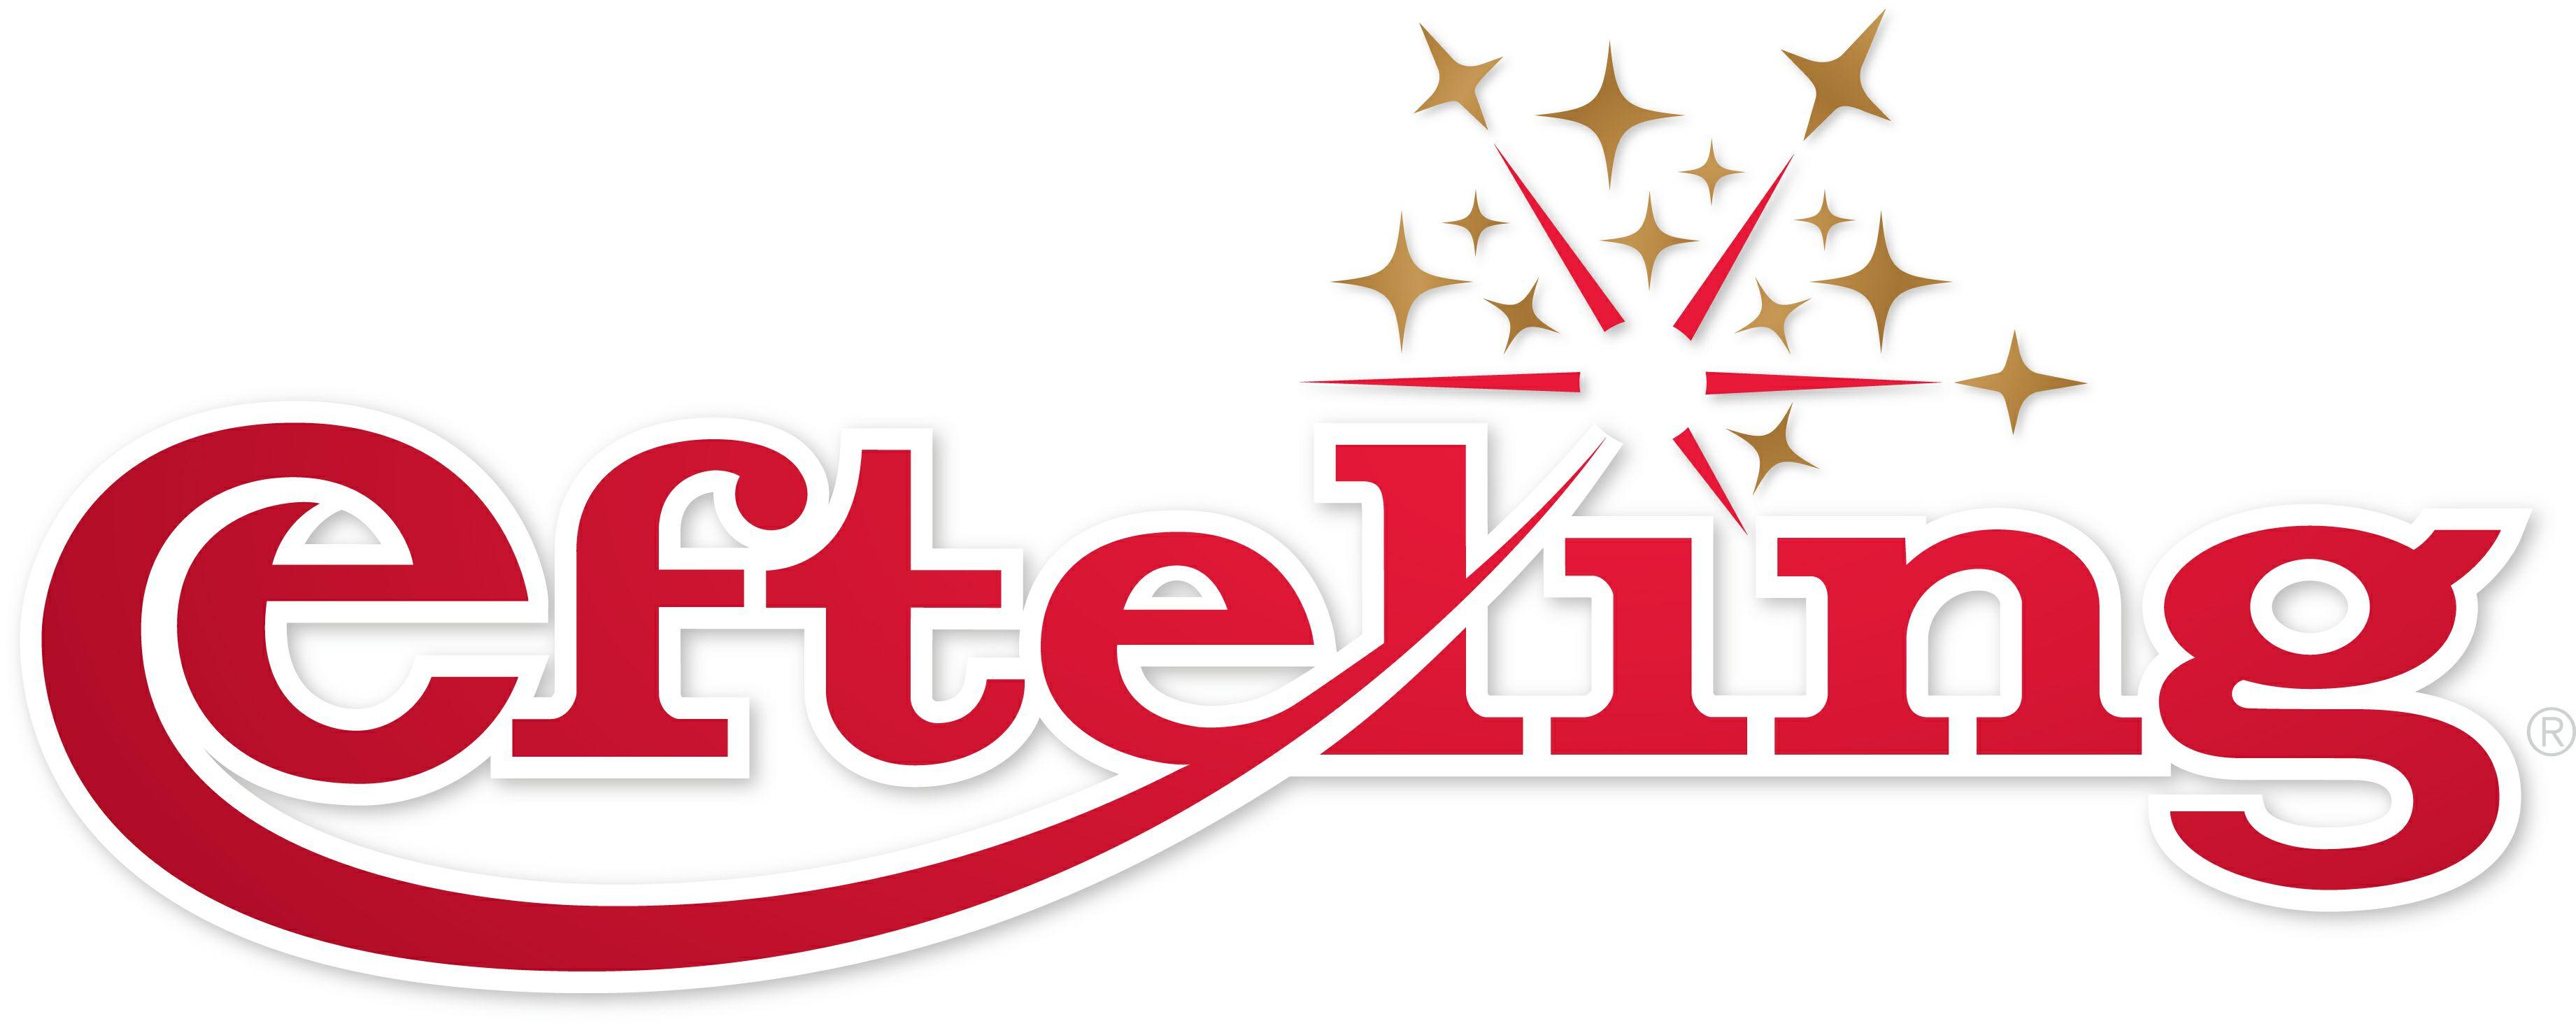 Efteling-tickets met 25% korting